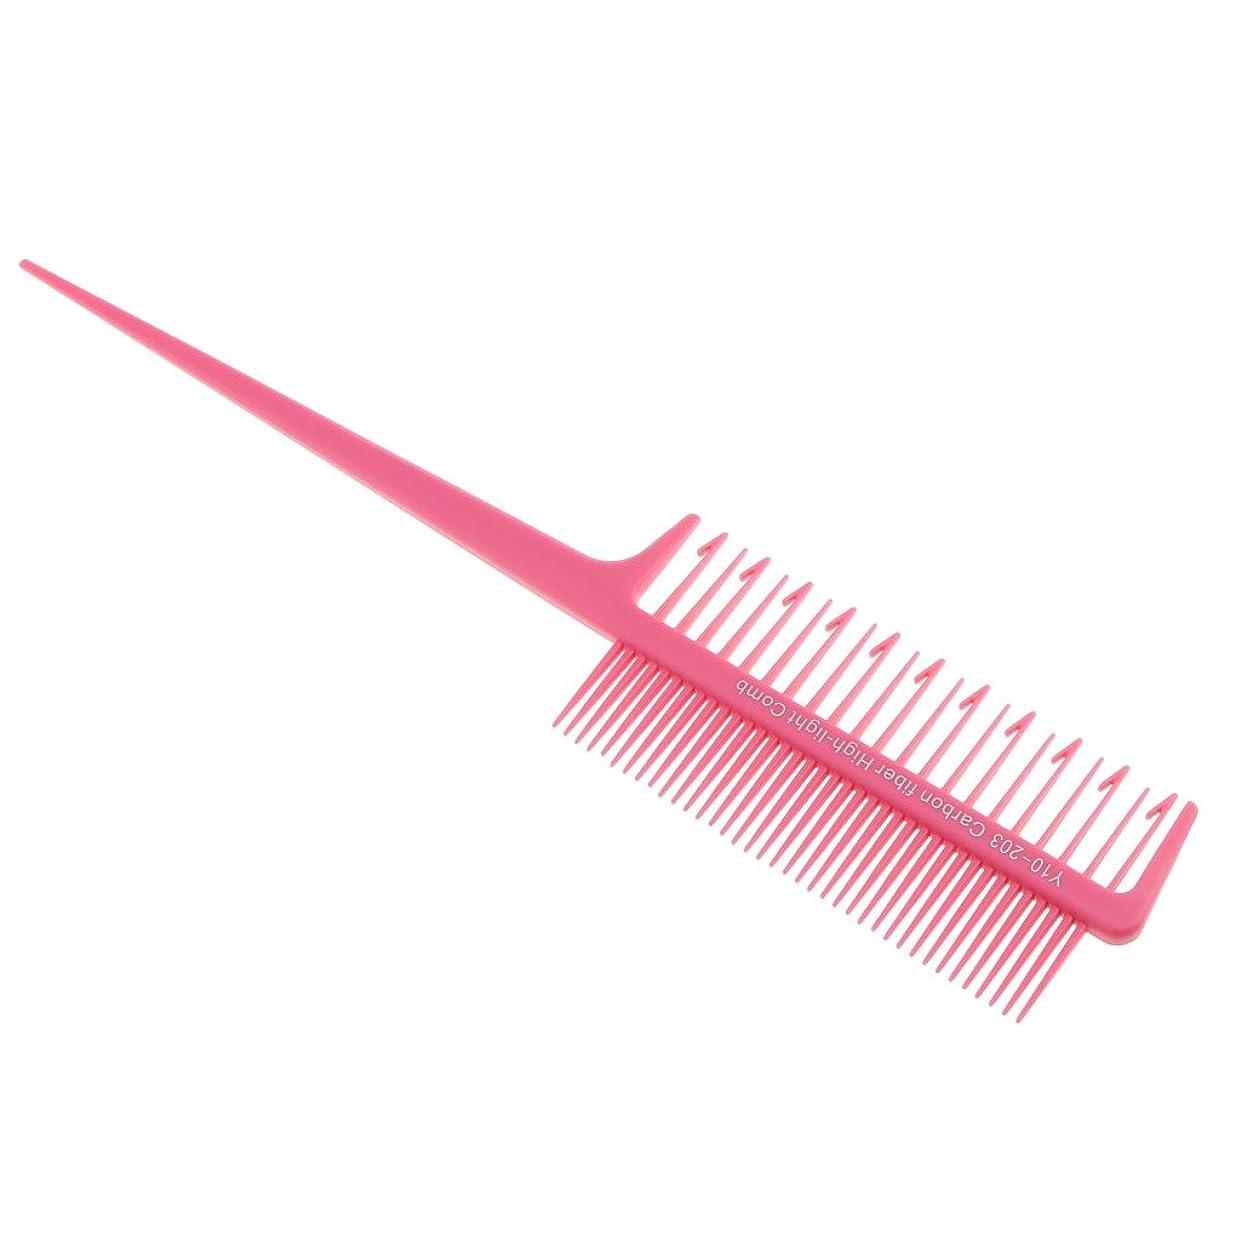 狭いカレッジ合図Blesiya 櫛 織り 染色櫛 ヘアカラー ハイライト 交換 持ち上げ 全4色選べる - ピンク